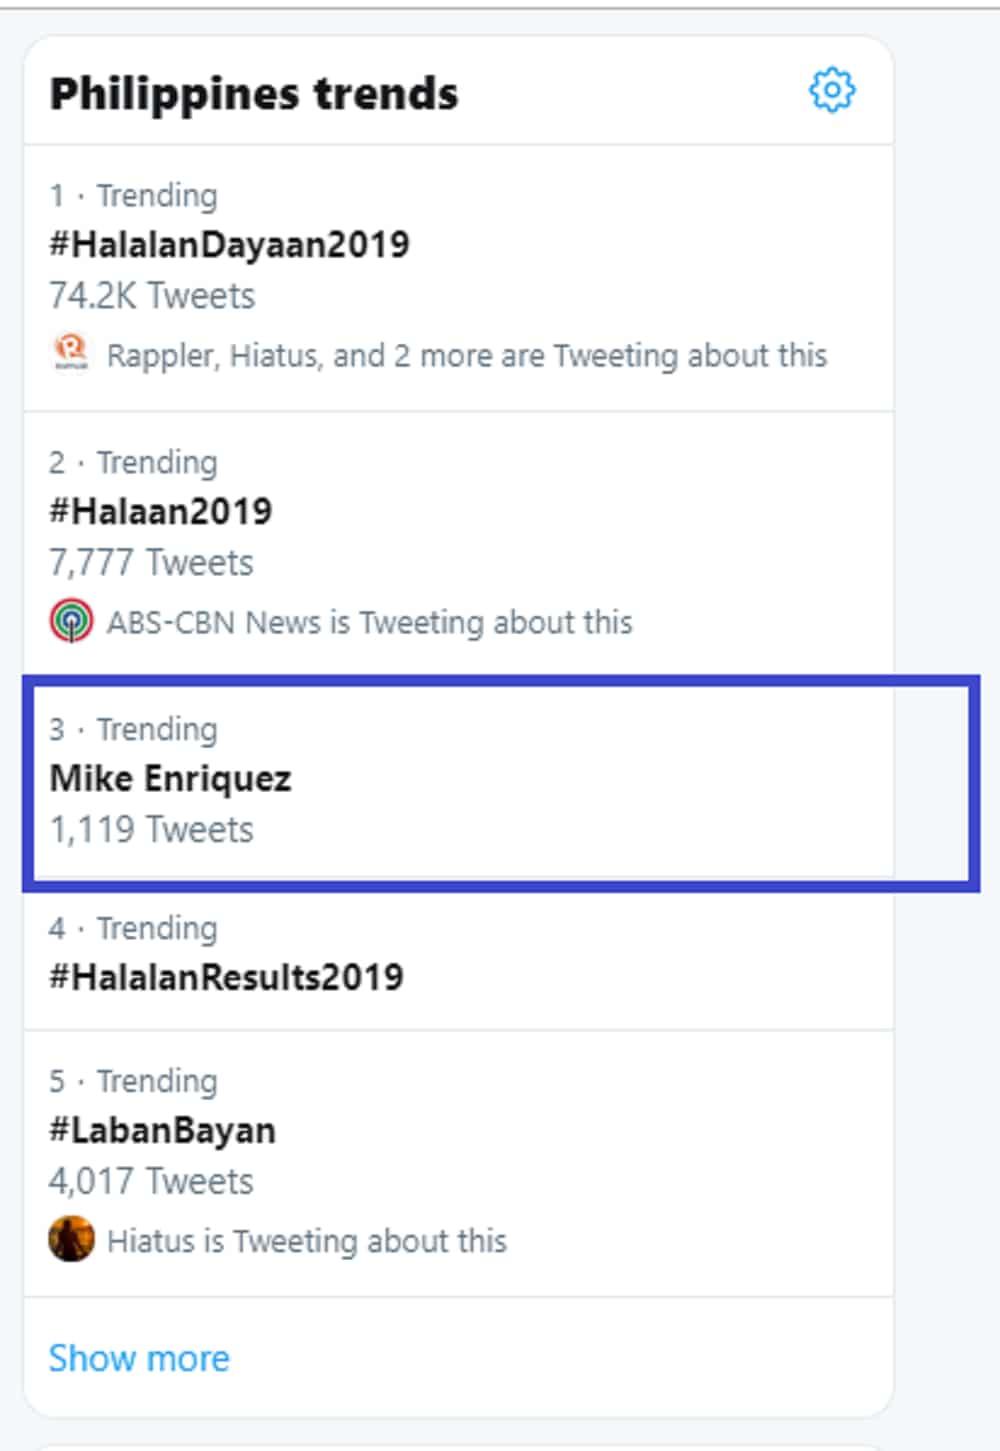 Mike Enriquez gains praises for his remarks about election 2019